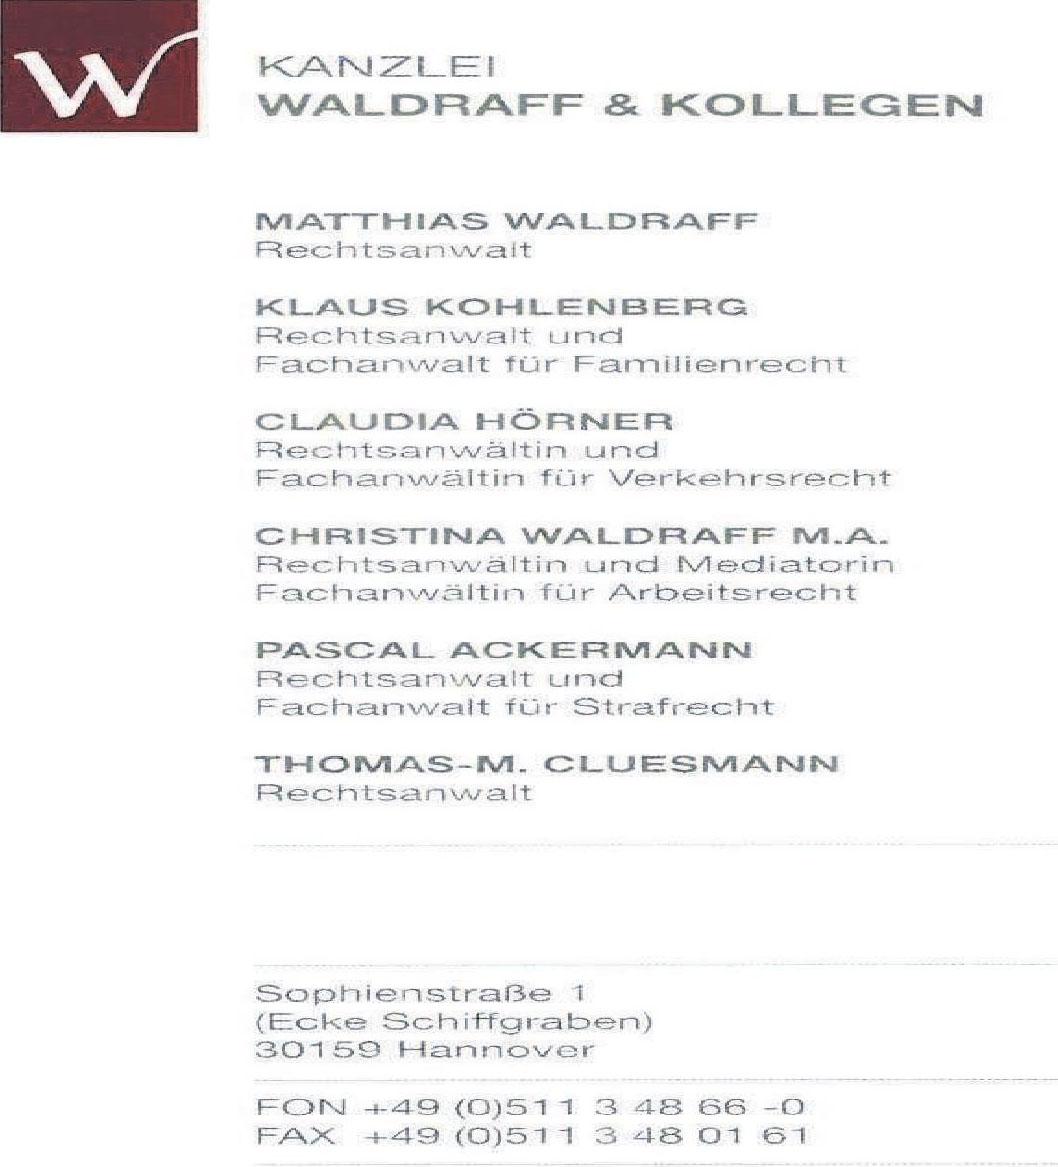 Kanzlei Waldraff & Kollegen